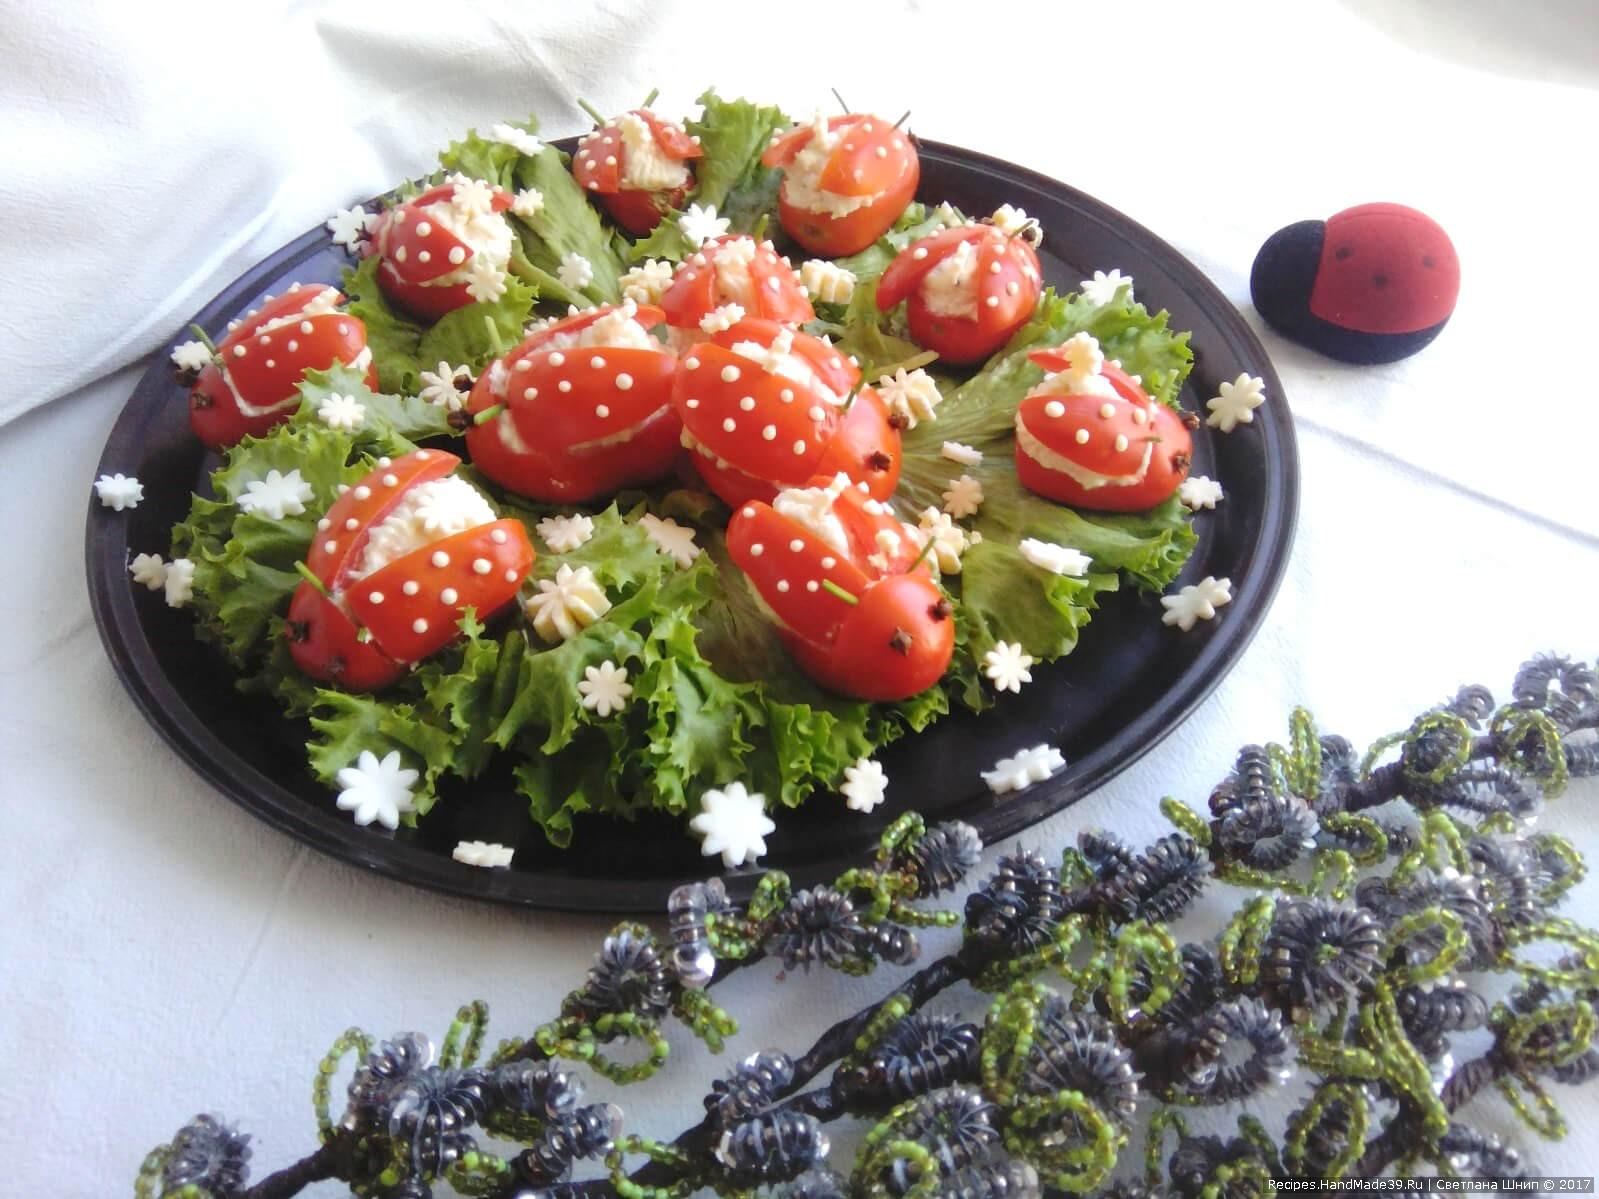 Закуска «Божьи коровки» из помидоров, сыра, яиц, чеснока – пошаговый рецепт с фото. Приятного аппетита!